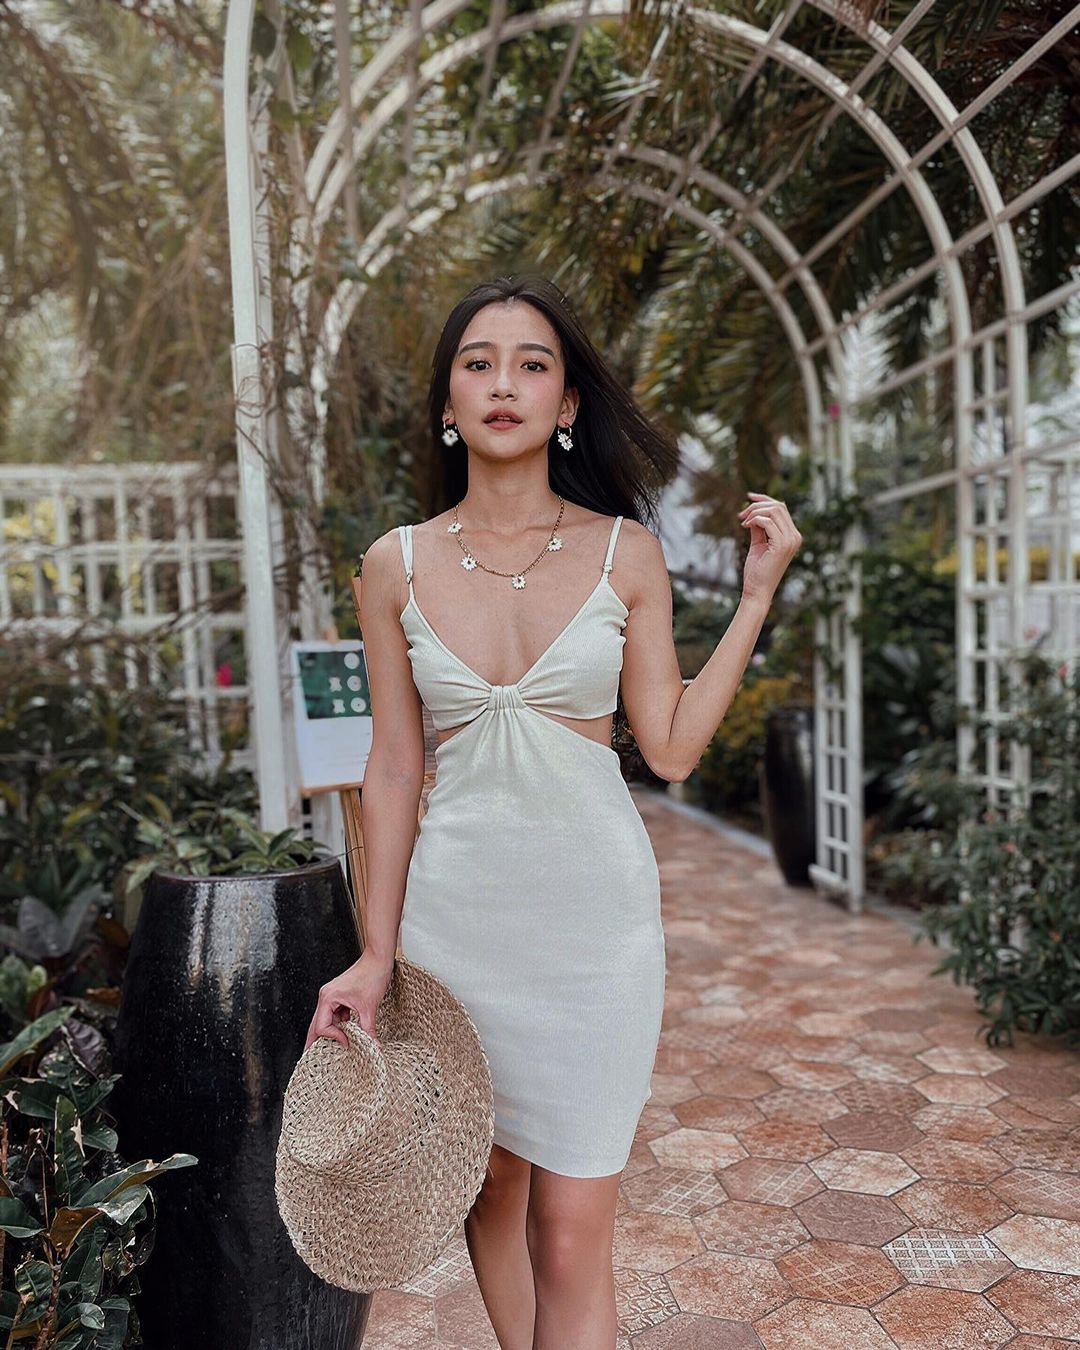 Mỹ nữ Đài Loan sở hữu mặt xinh dáng chuẩn hút mọi ánh nhìn - 4